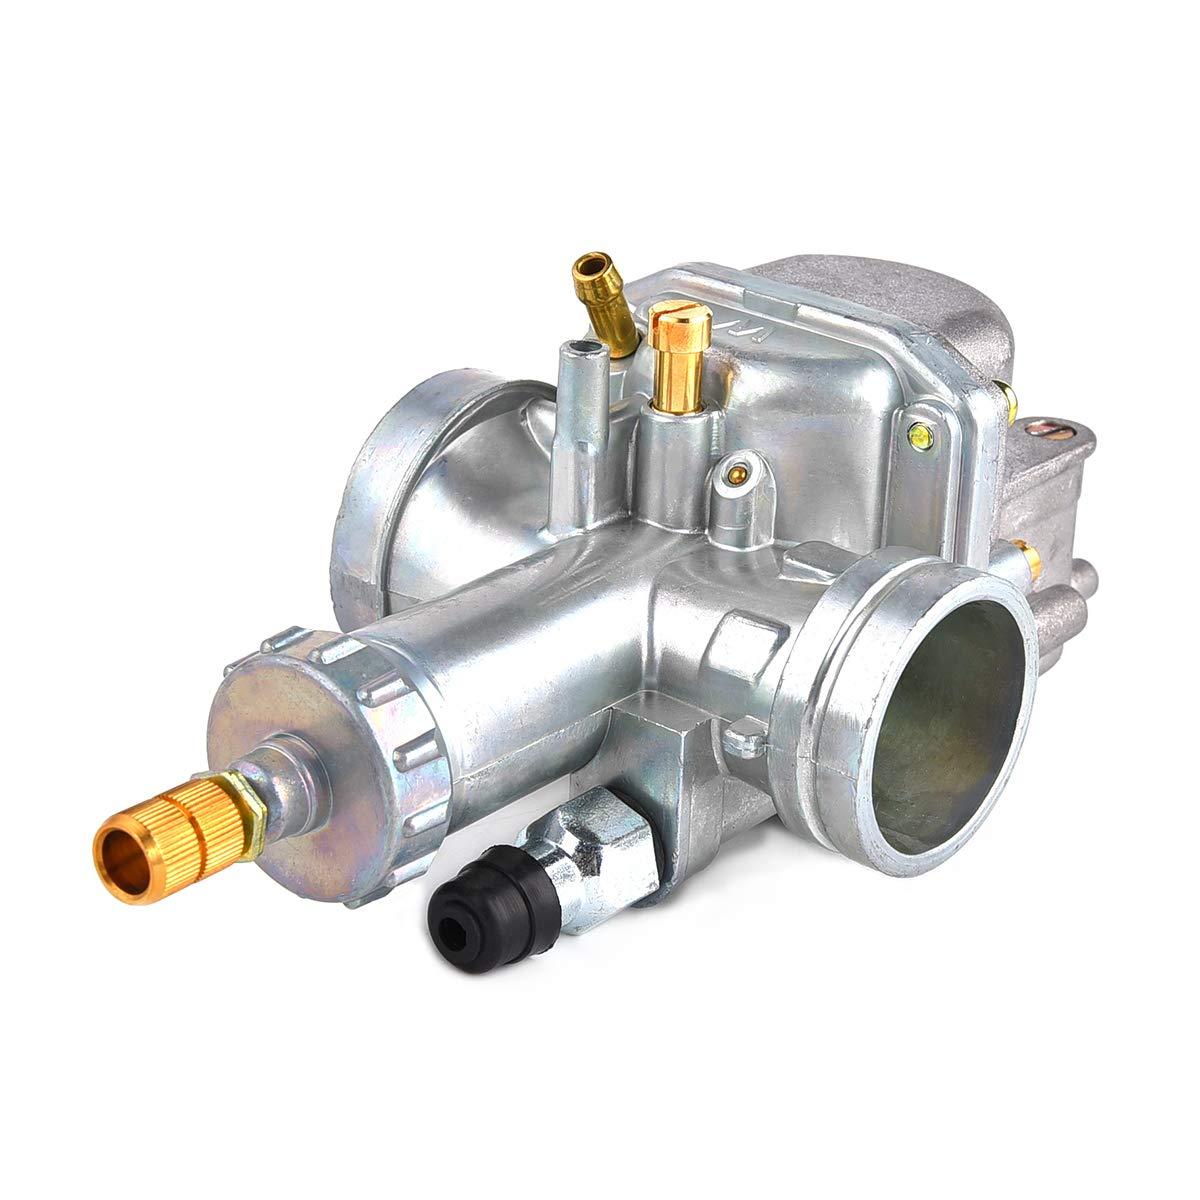 RUHUO Carburetor for Bayou Klf220 KLF 220 1988-1998 Carb